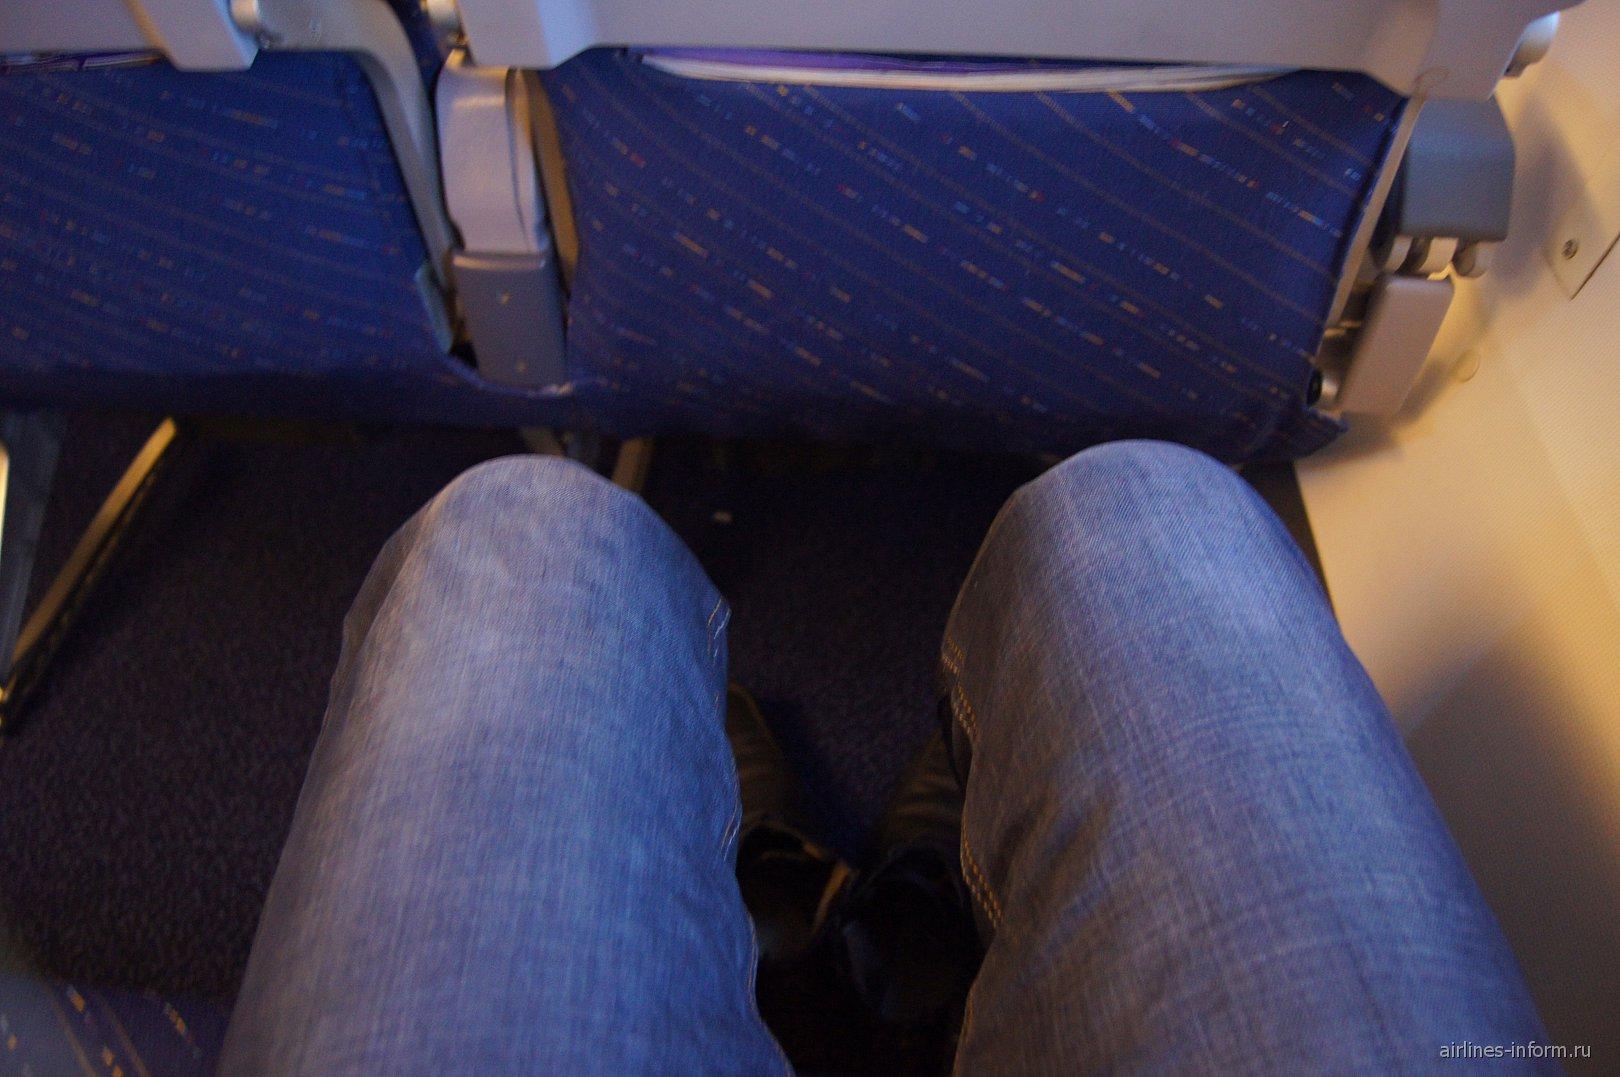 Салон самолета Боинг-737-800 авиакомпании Алроса